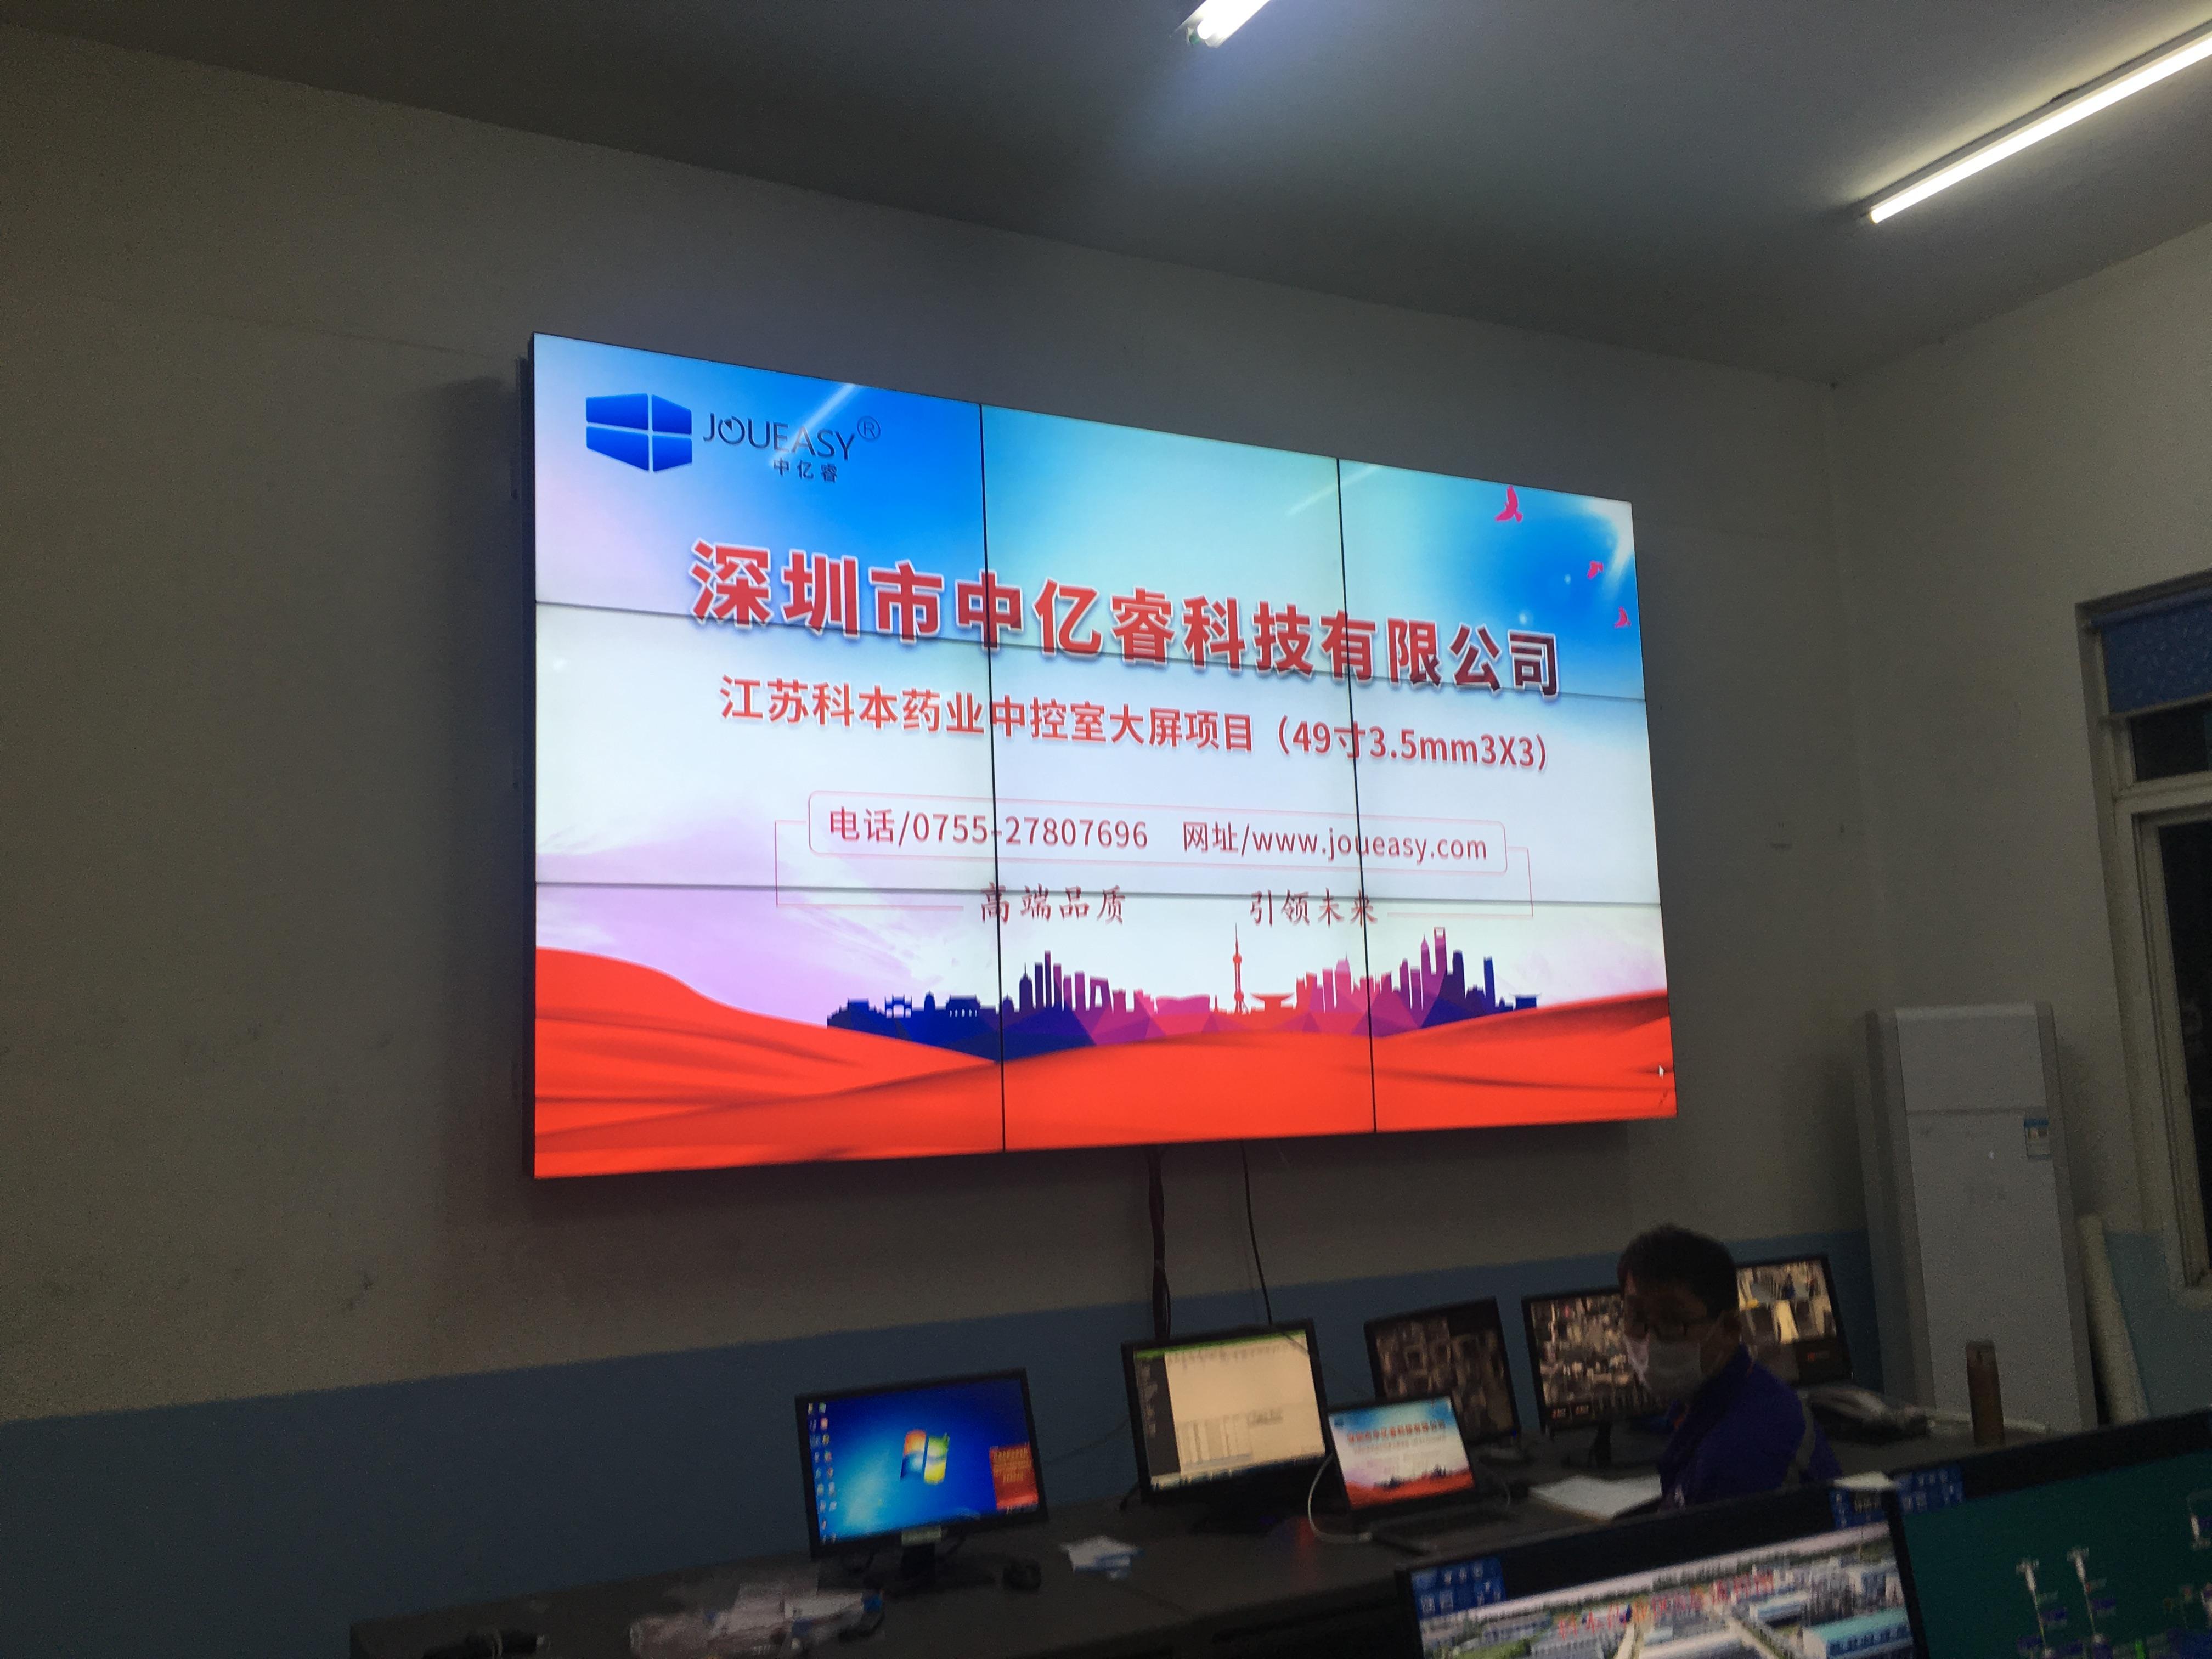 中億睿49寸高清液晶拼接屏3X3單元打造江蘇科本...